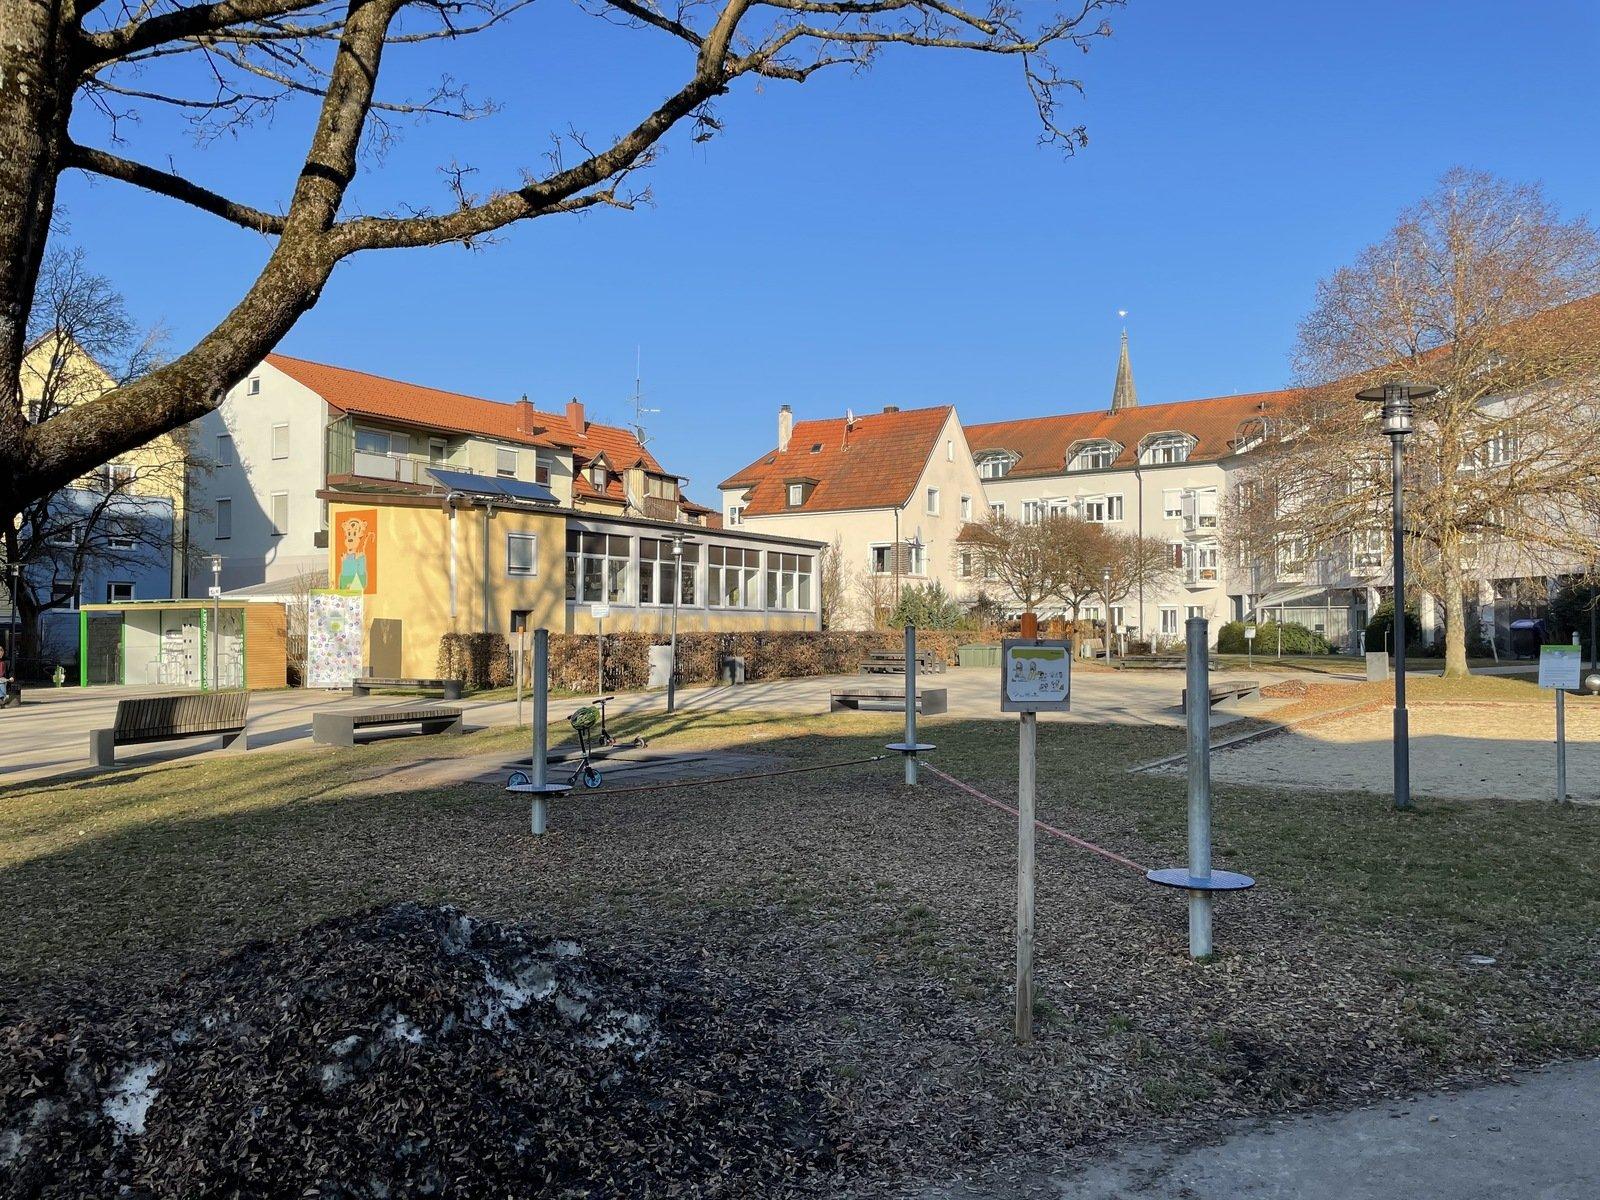 Ein Spielplatz mit einer Slack-Line, im Hindergrund sind Holzbänke zum verweilen